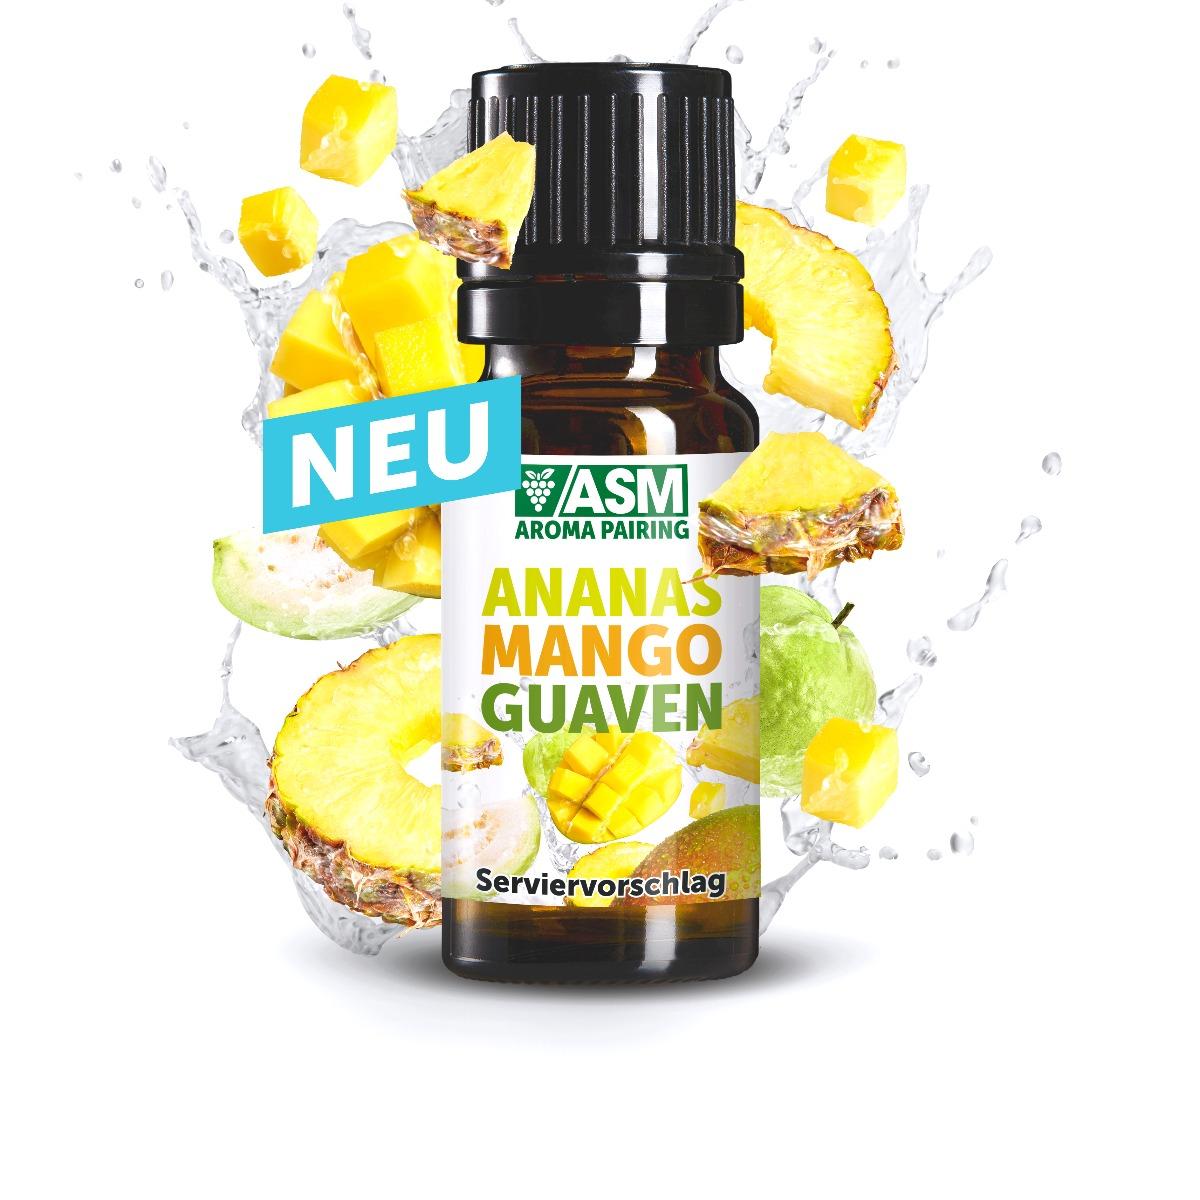 ASM® Ananas Mango Guaven Aroma 920557 fuer Speiseeis